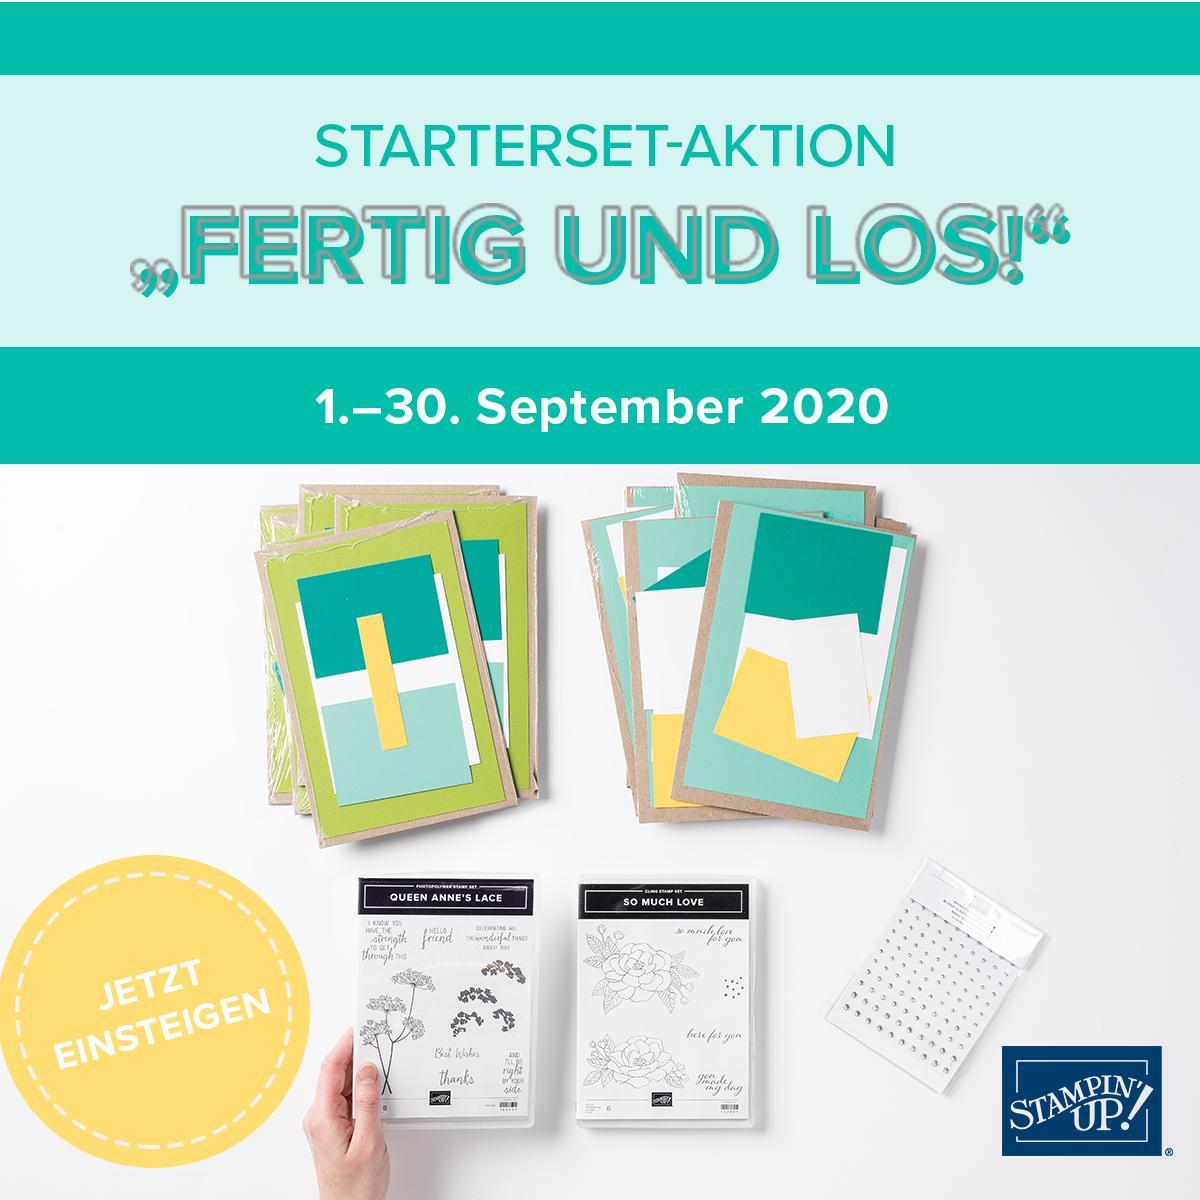 """Starterset-Aktion """"Fertig und los!"""""""